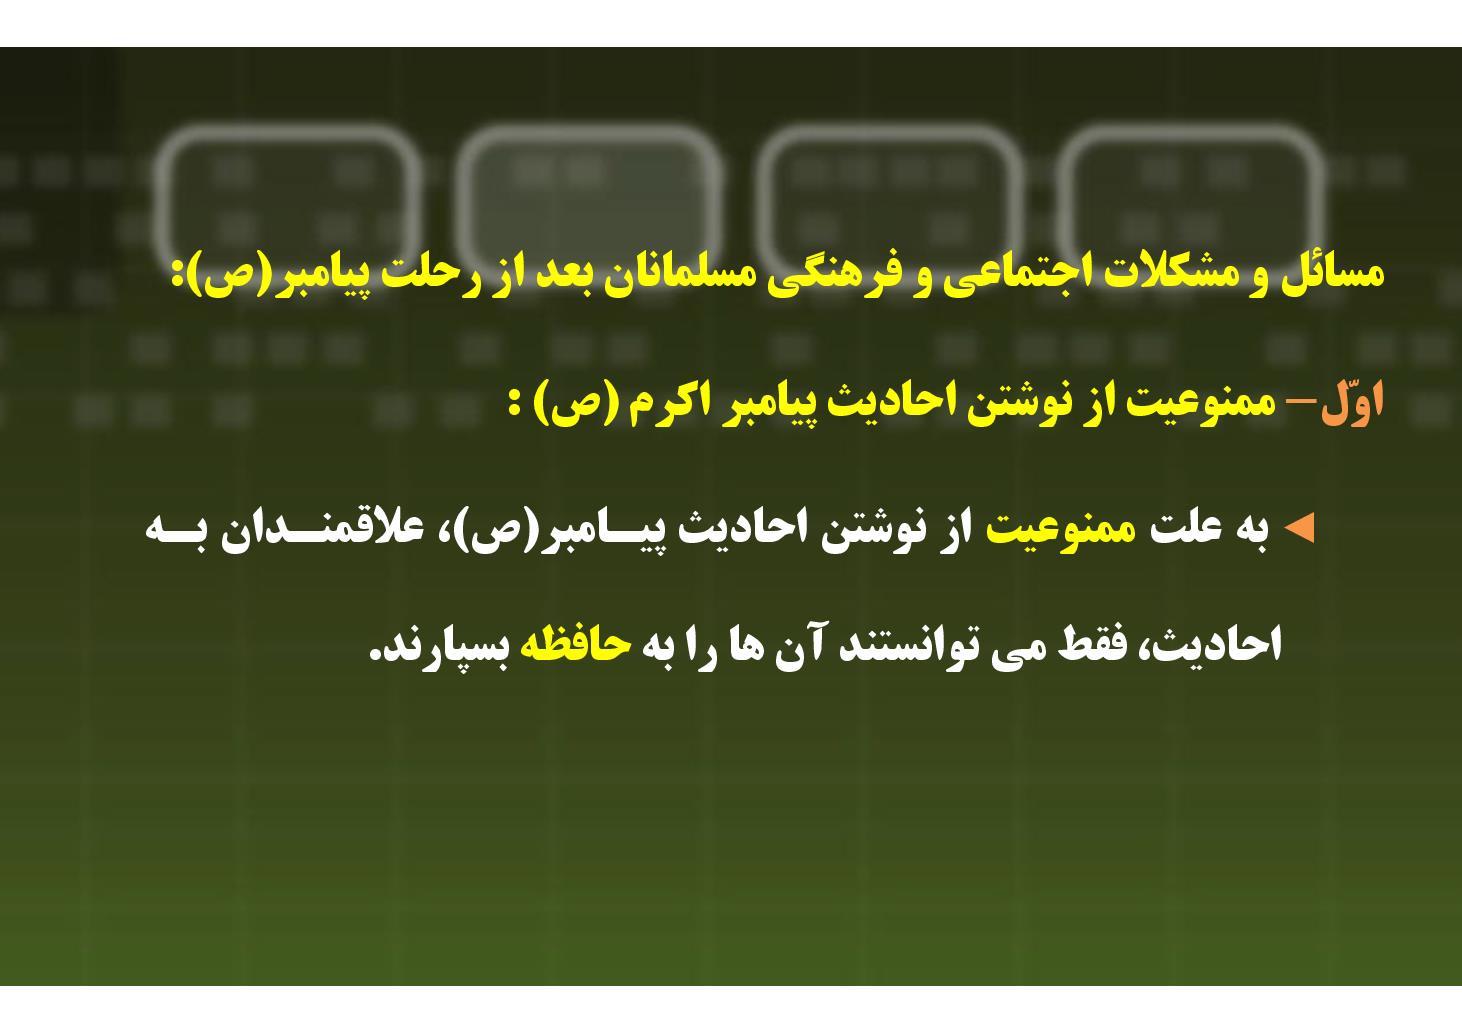 معارف- درس ۷- مشکلات فرهنگی؛ سیاسی و اجتماعی پس از پیامبر- بخش ١ (PDF)